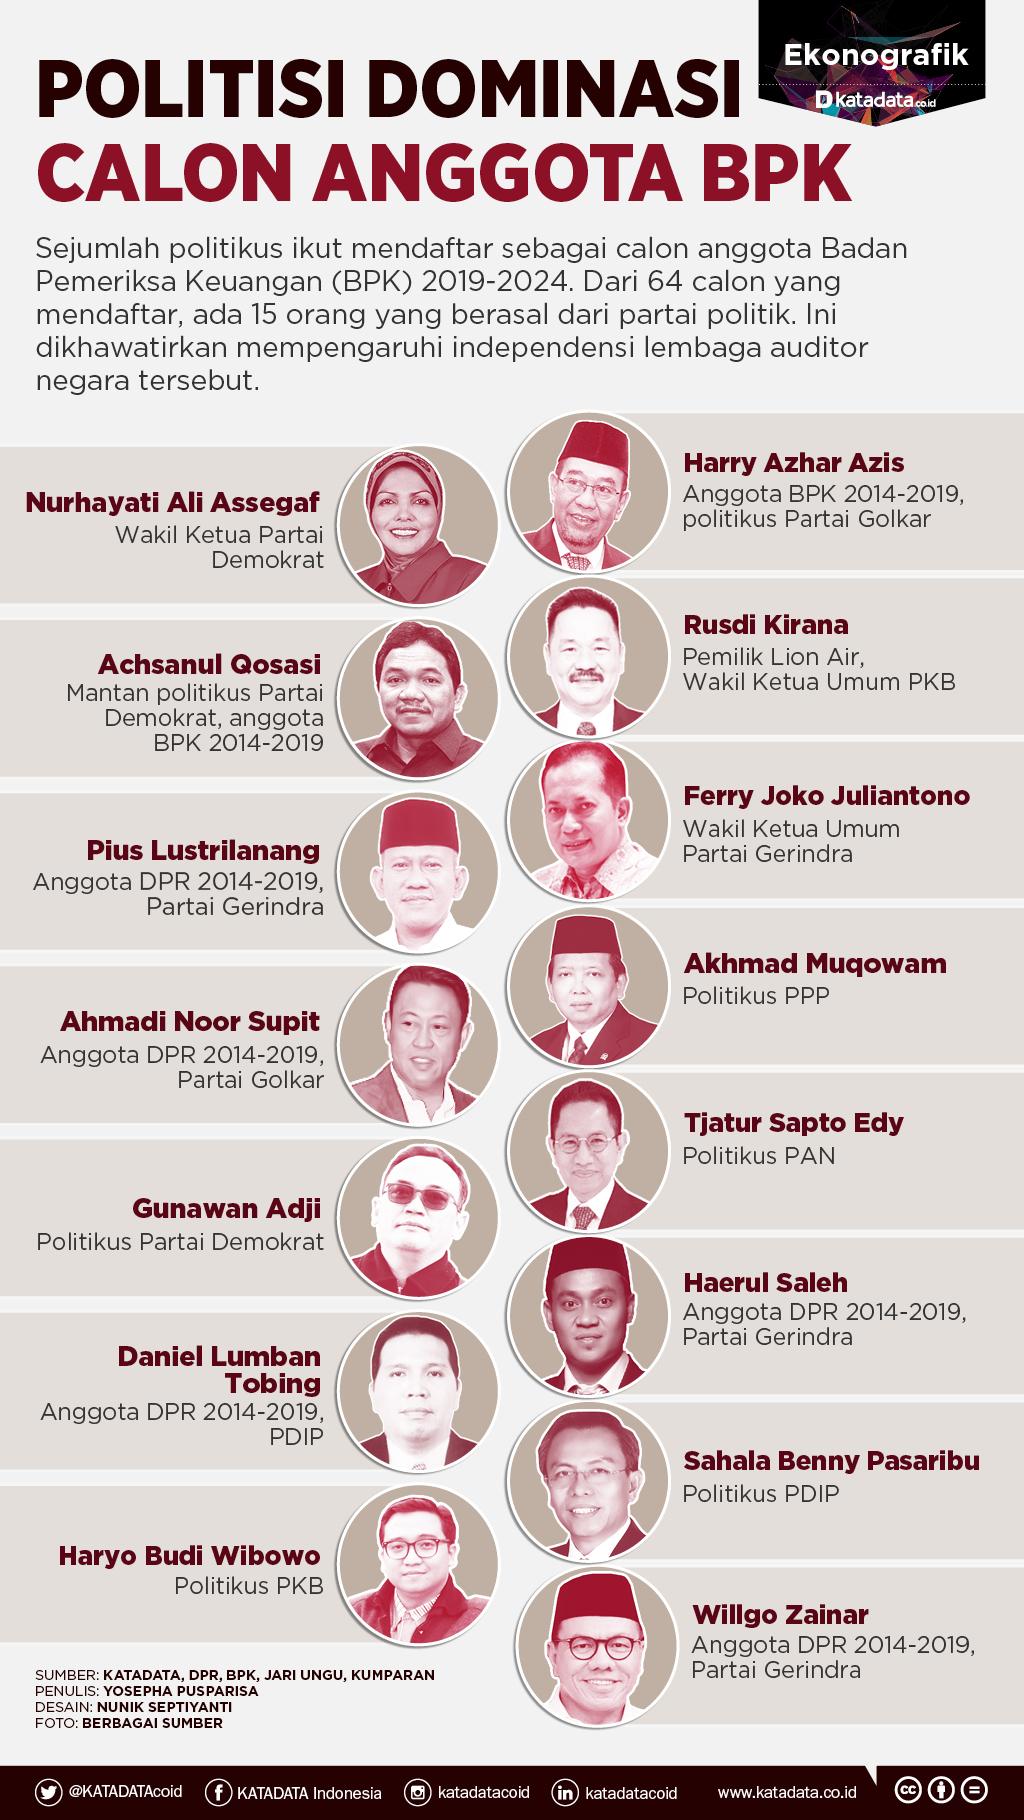 Politisi Dominasi Calon Anggota BPK